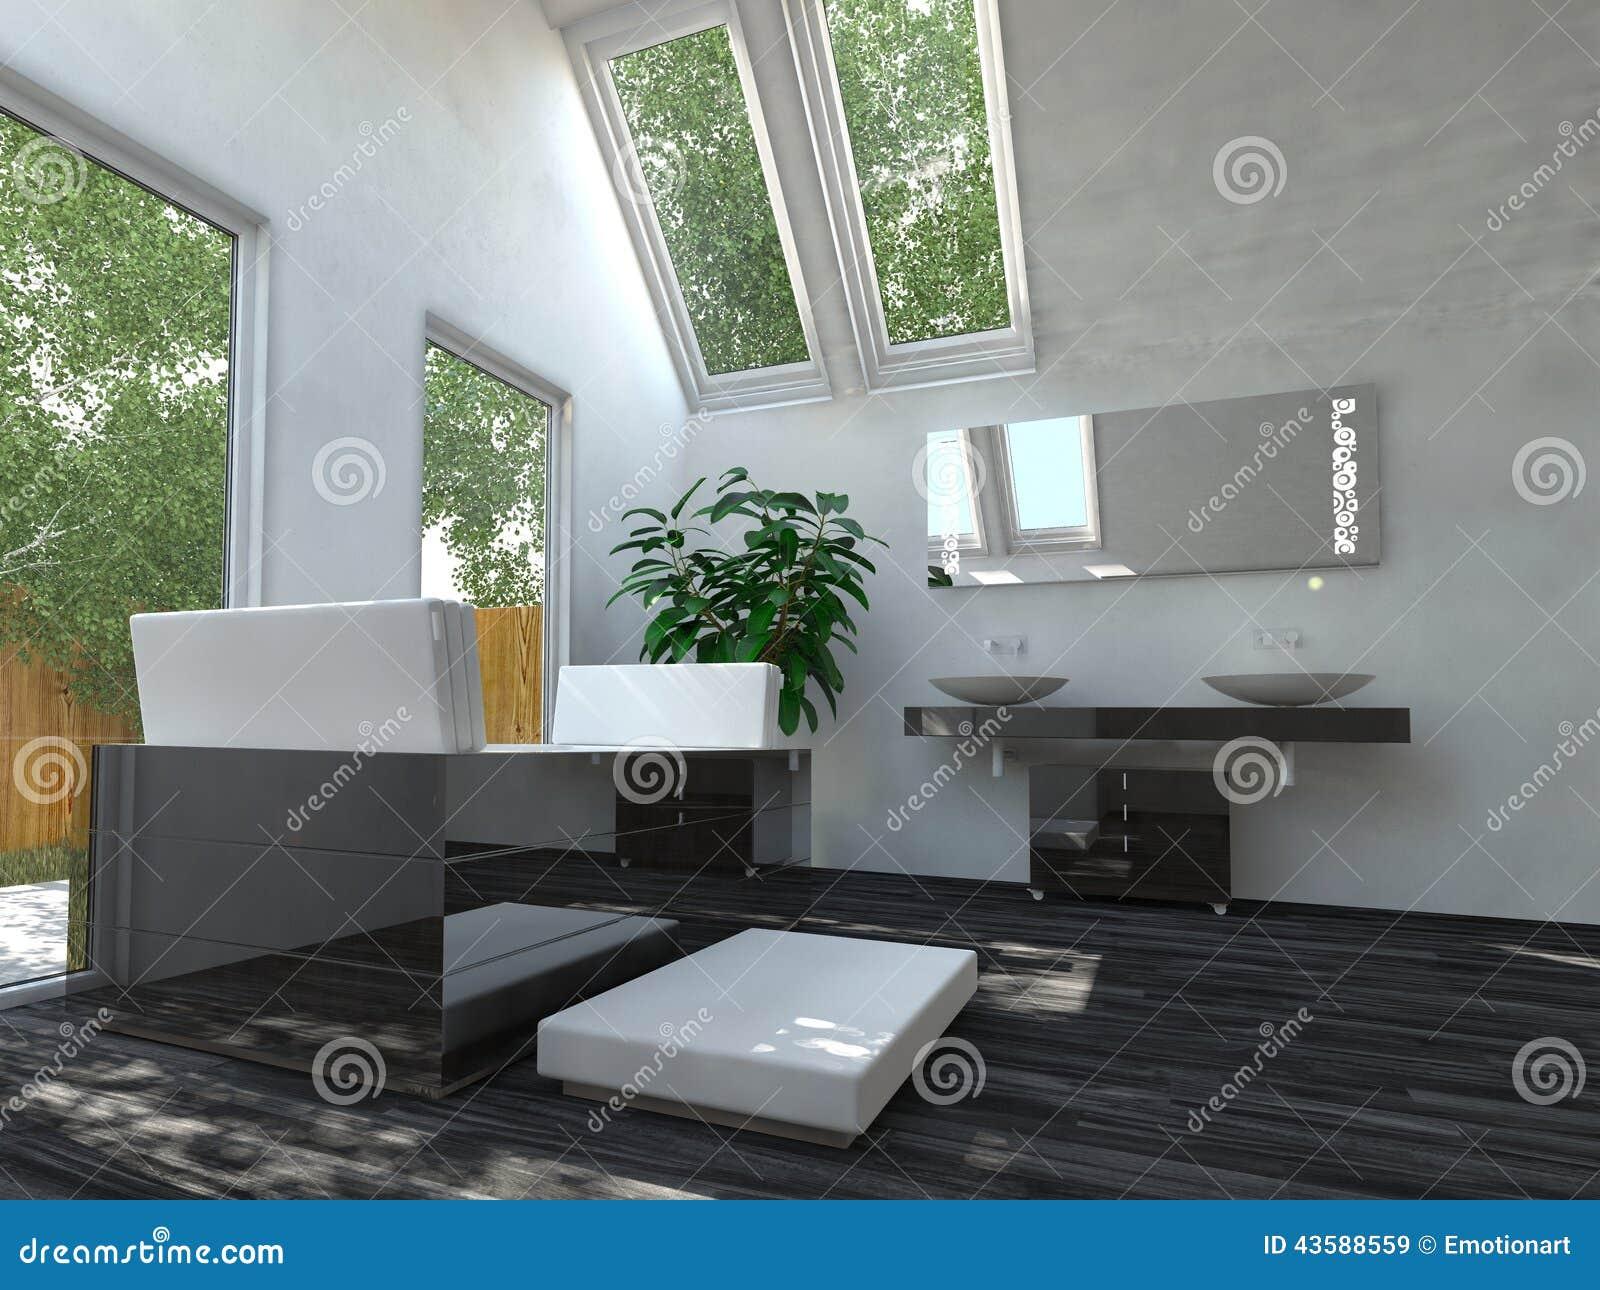 Innenarchitektur badezimmer  Modernes Schwarzweiss-Badezimmer Mit Oberlichtern Stock Abbildung ...